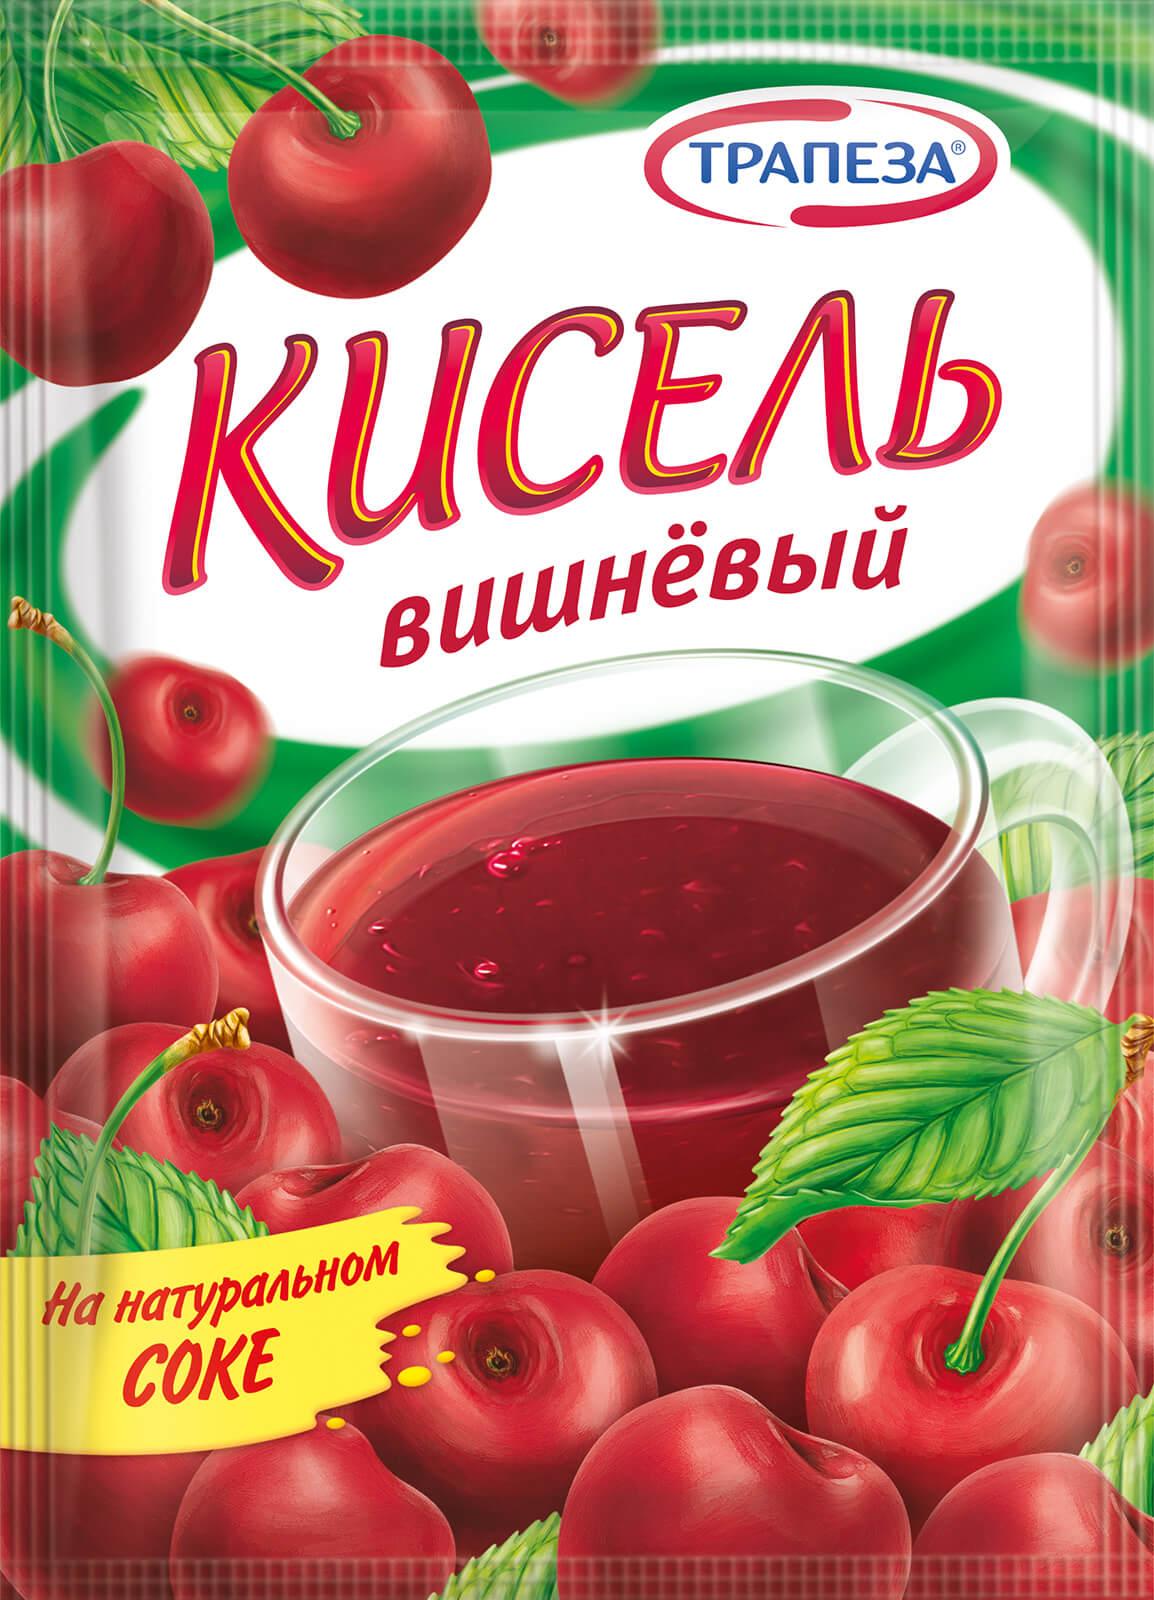 кисель вишневый Трапеза 100г.